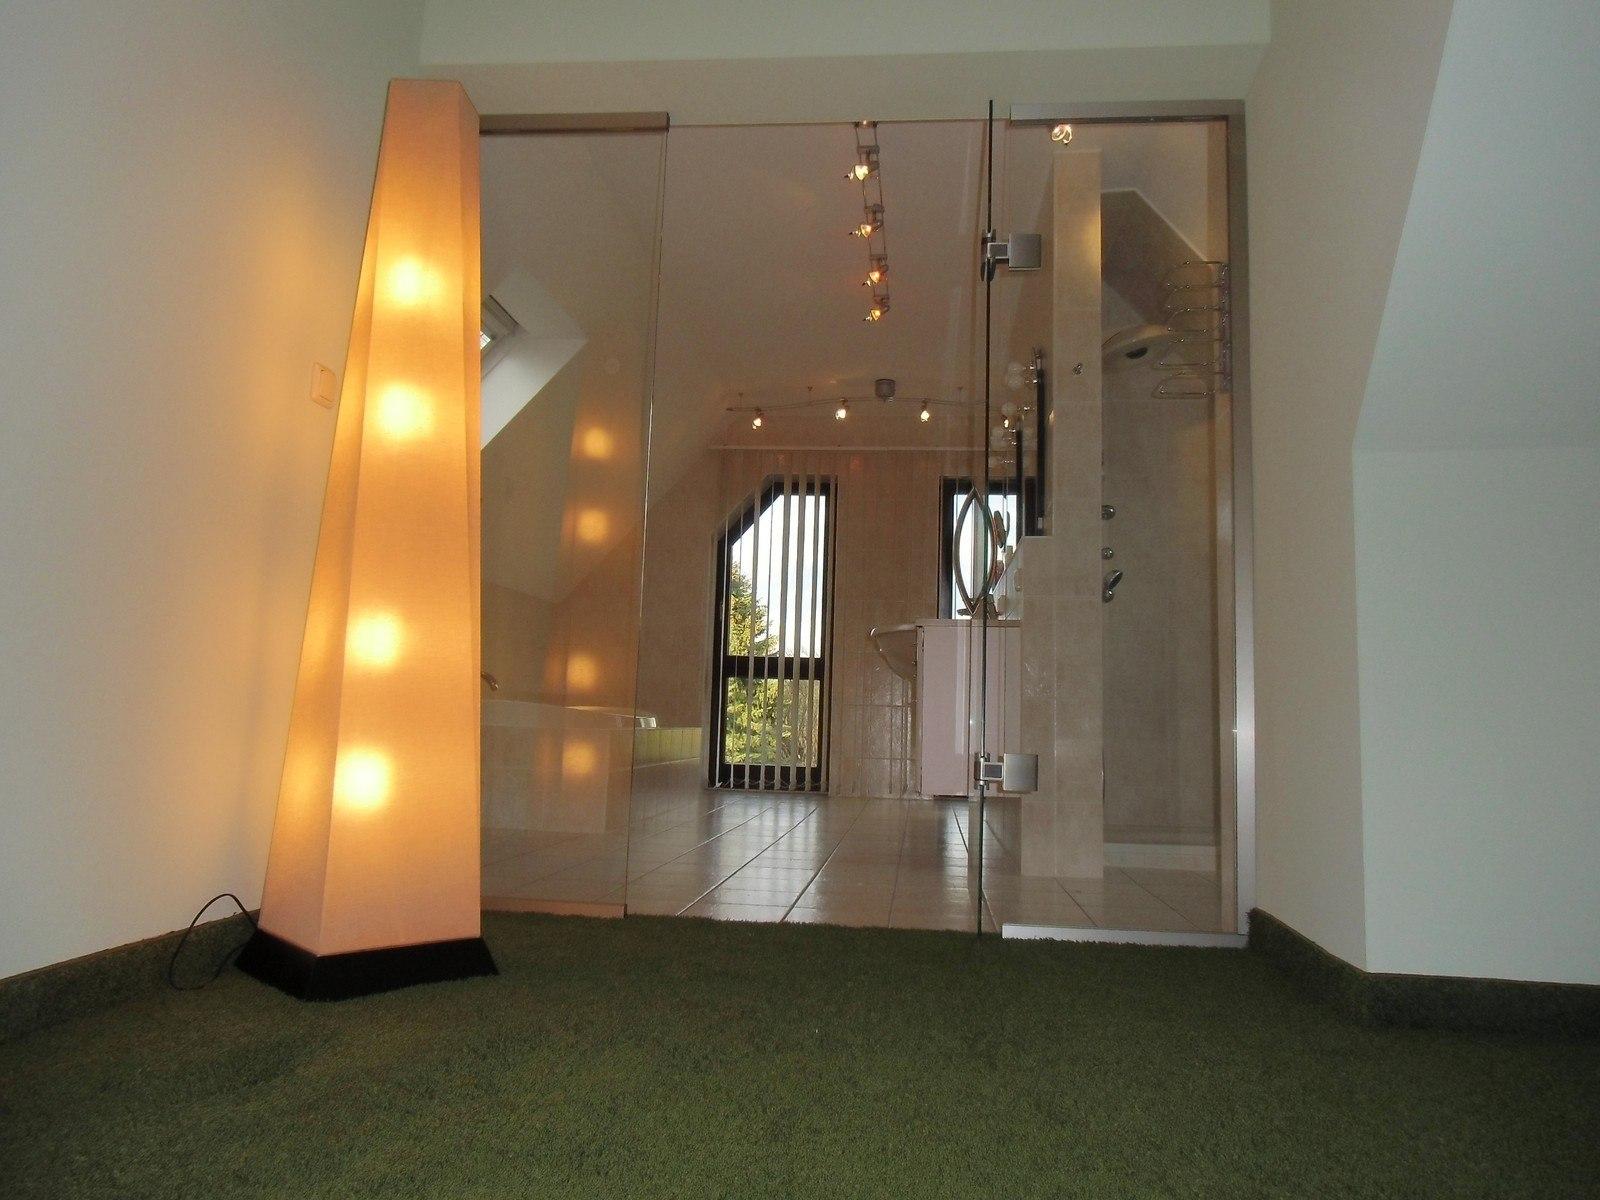 Eine moderne Pendeltüranlage verbindet das Ankleidezimmer formschön mit dem Bad.